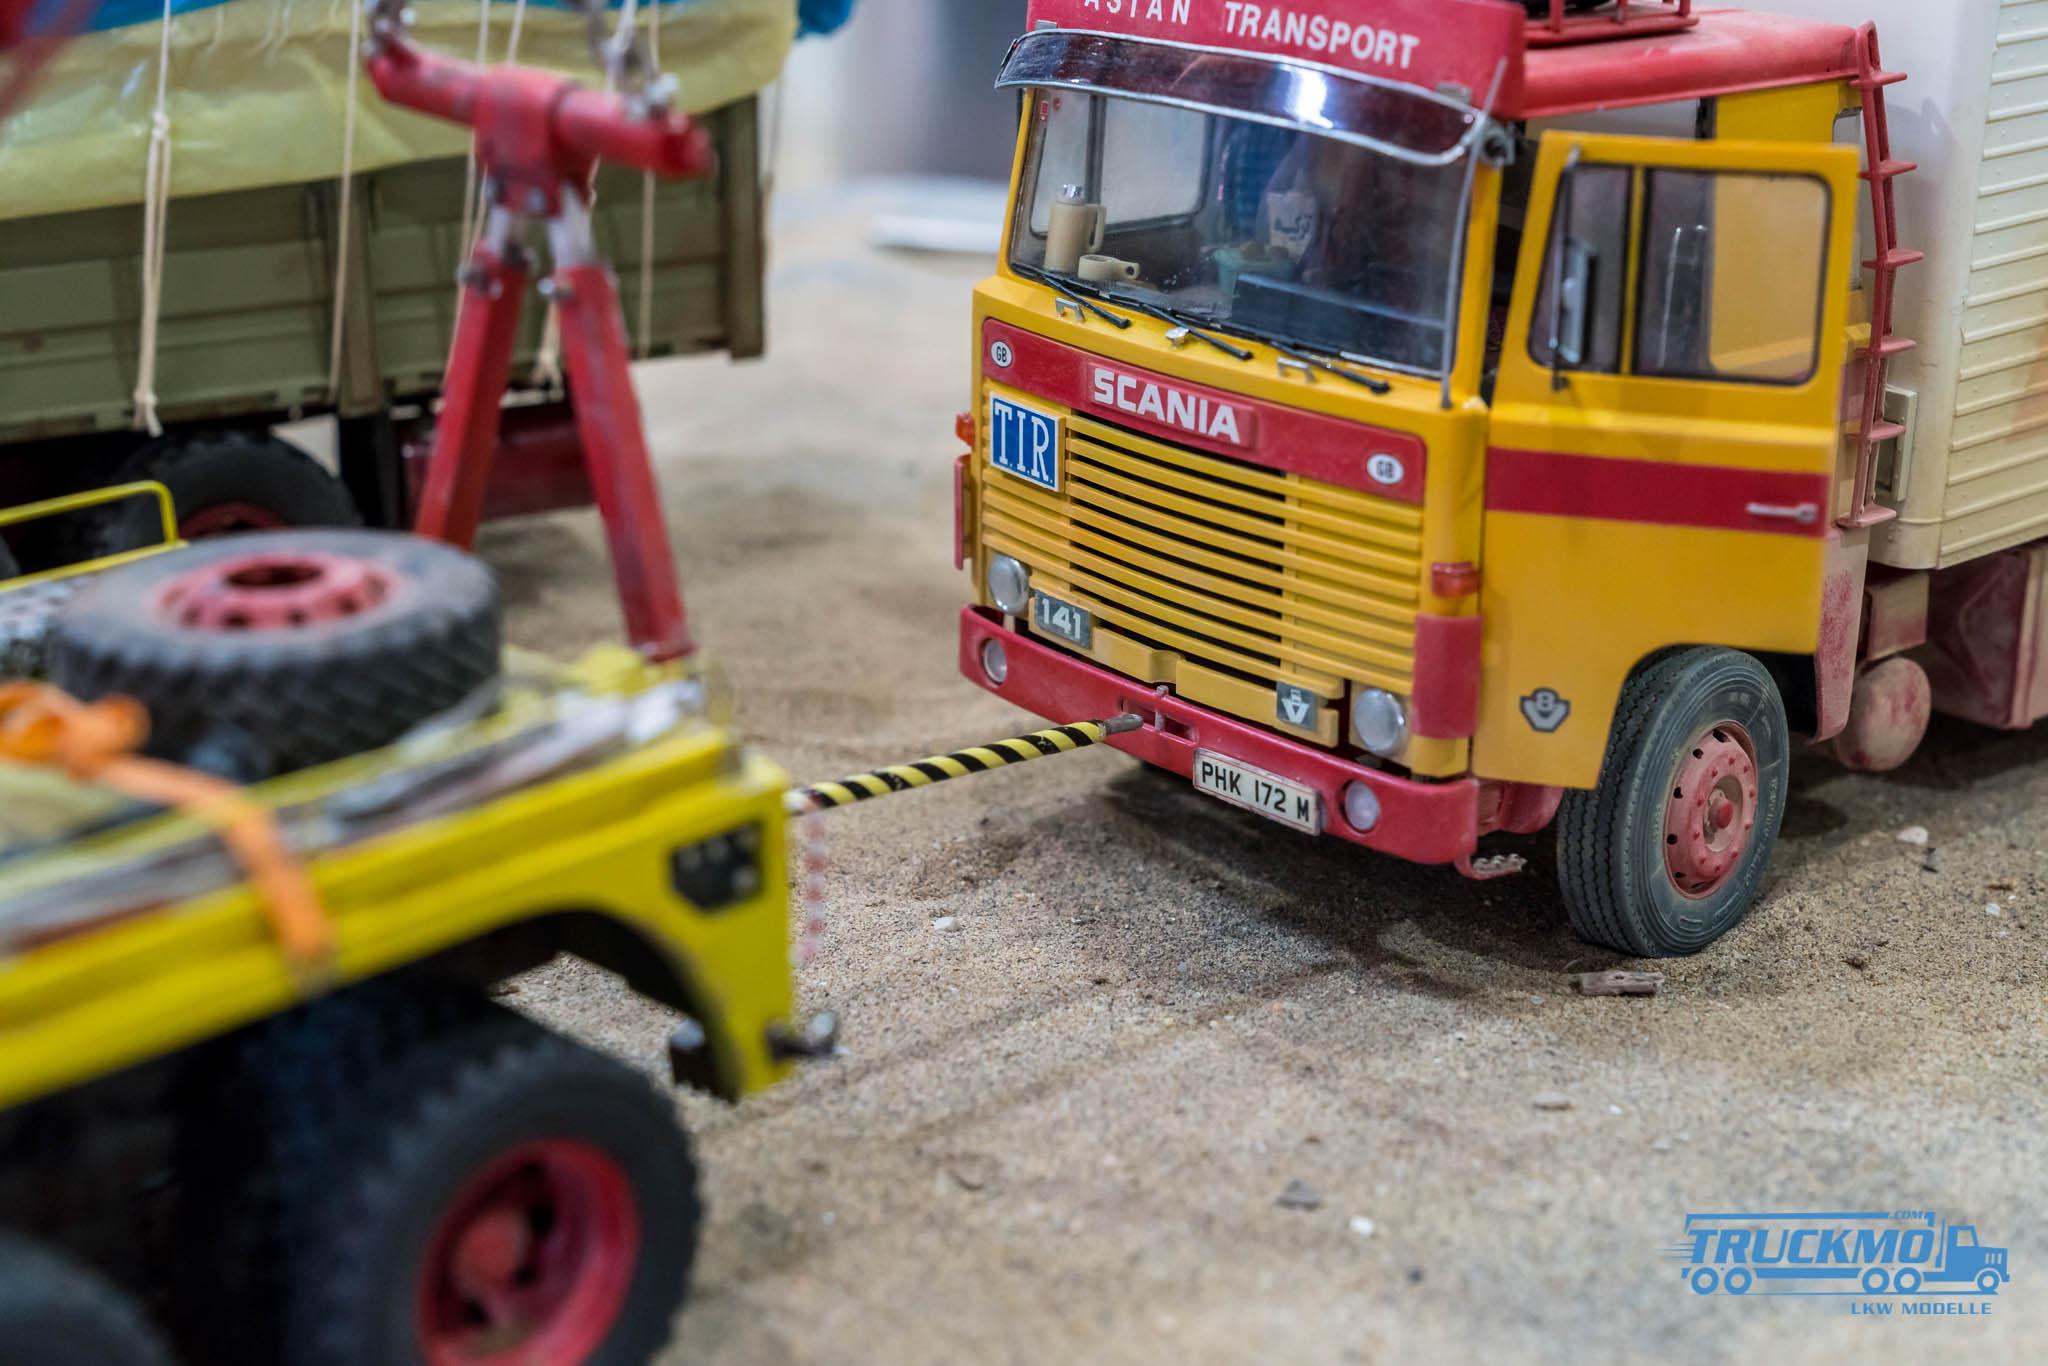 Truckmo_Modellbau_Ried_2017_Herpa_Messe_Modellbauausstellung (426 von 1177)